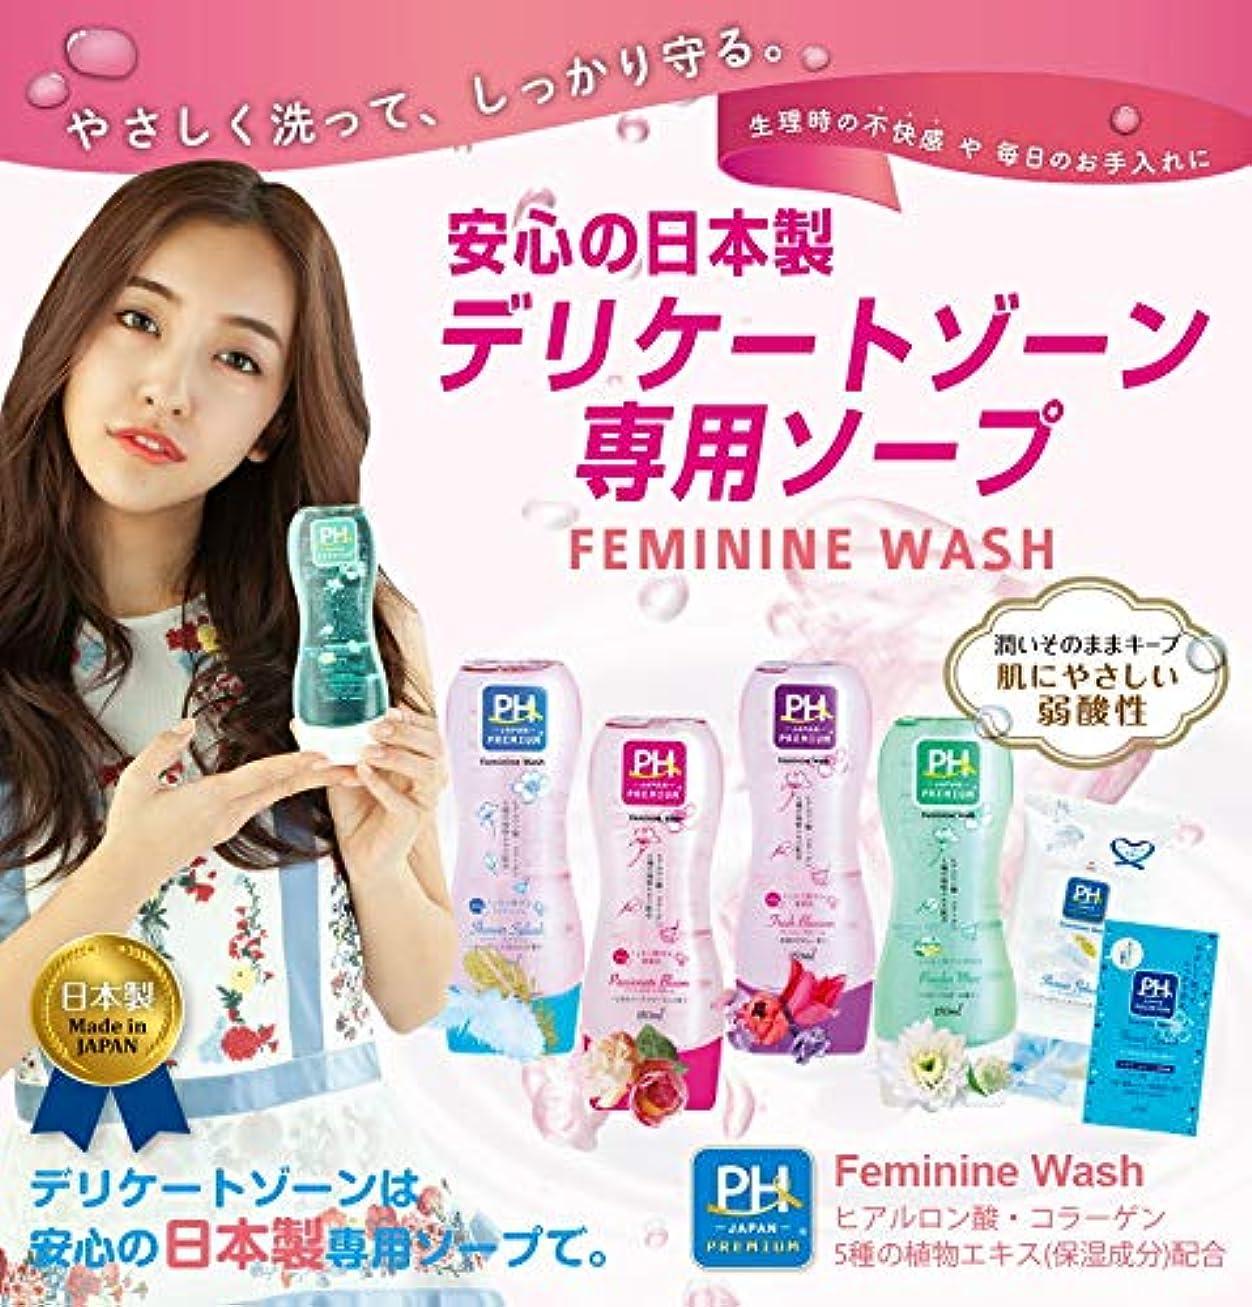 品ようこそ納得させるPH JAPAN プレミアム フェミニンウォッシュ パッショネイトブルーム150ml上品なローズフローラルの香り 3本セット